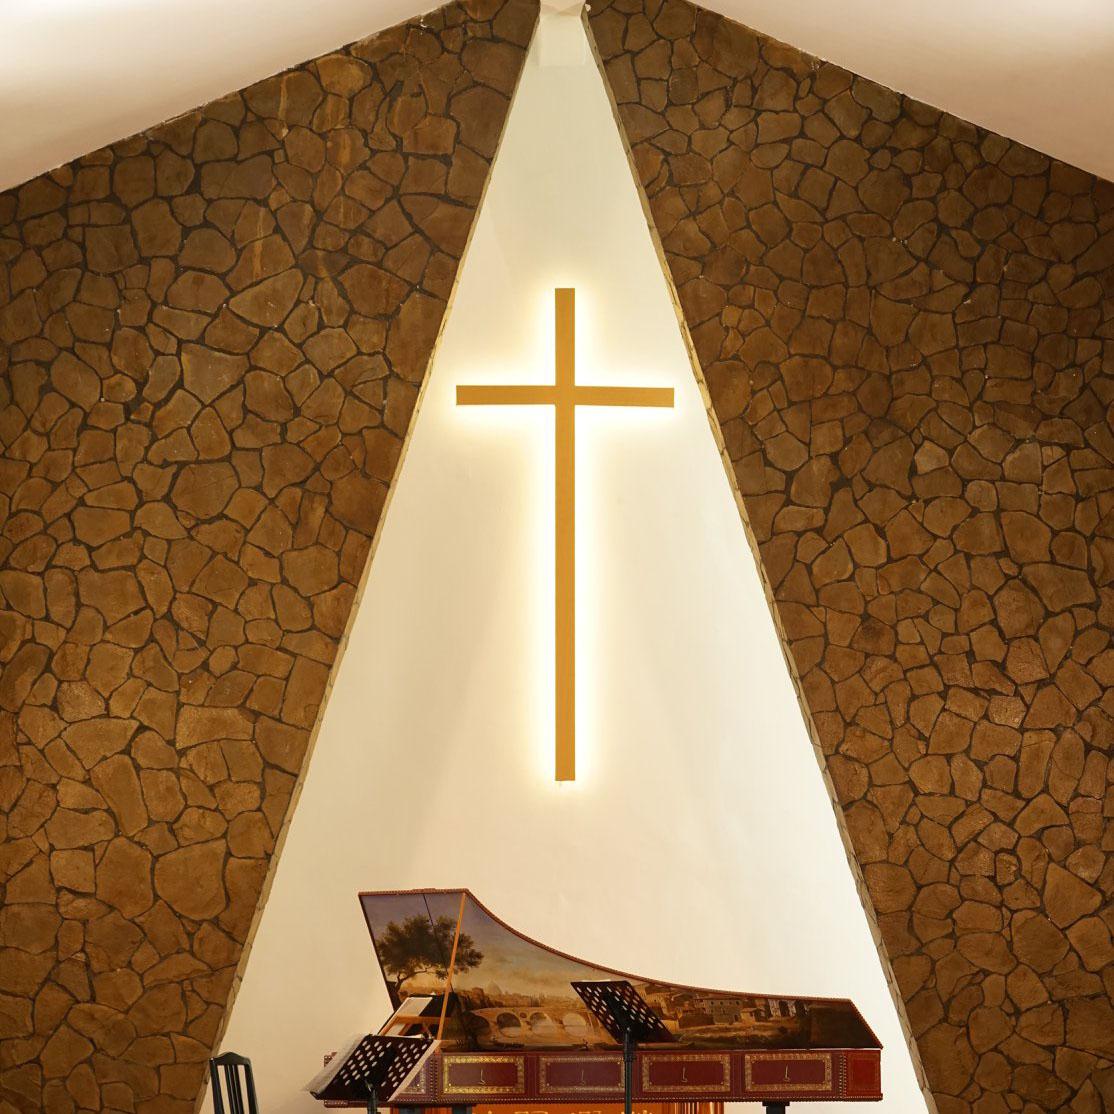 巴赫清唱劇 Bach Cantatas &Brandenburg Concerto - 台南衛理堂Tainan Wesley Chapel Methodist Church3 November, 2019